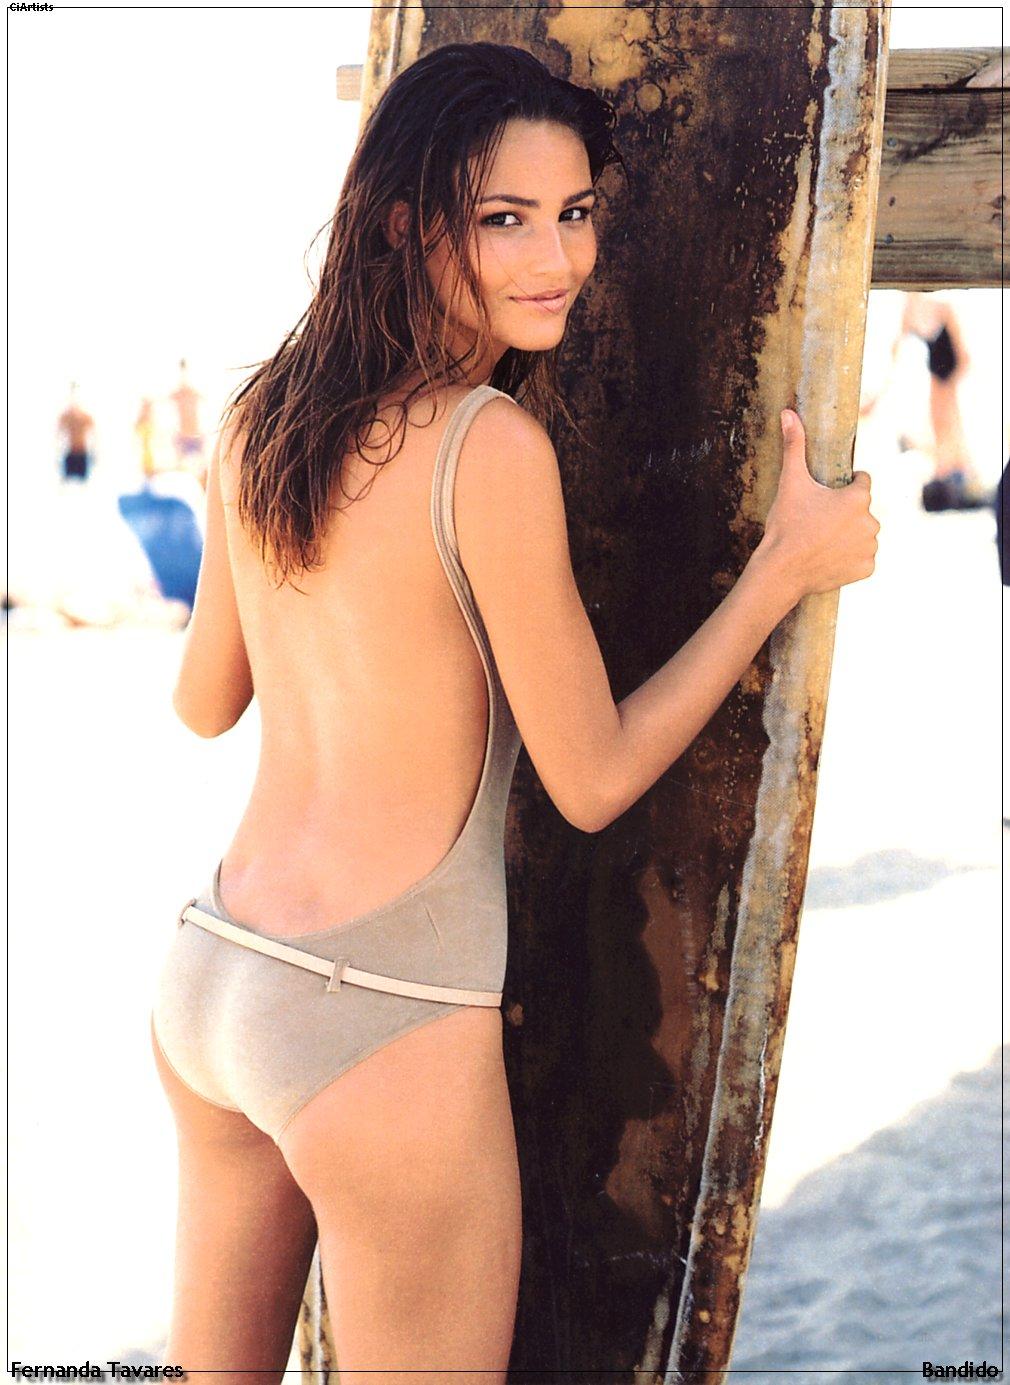 Fernanda Tavares caliente Imágenes por Hedwiga36 | Imágenes ...